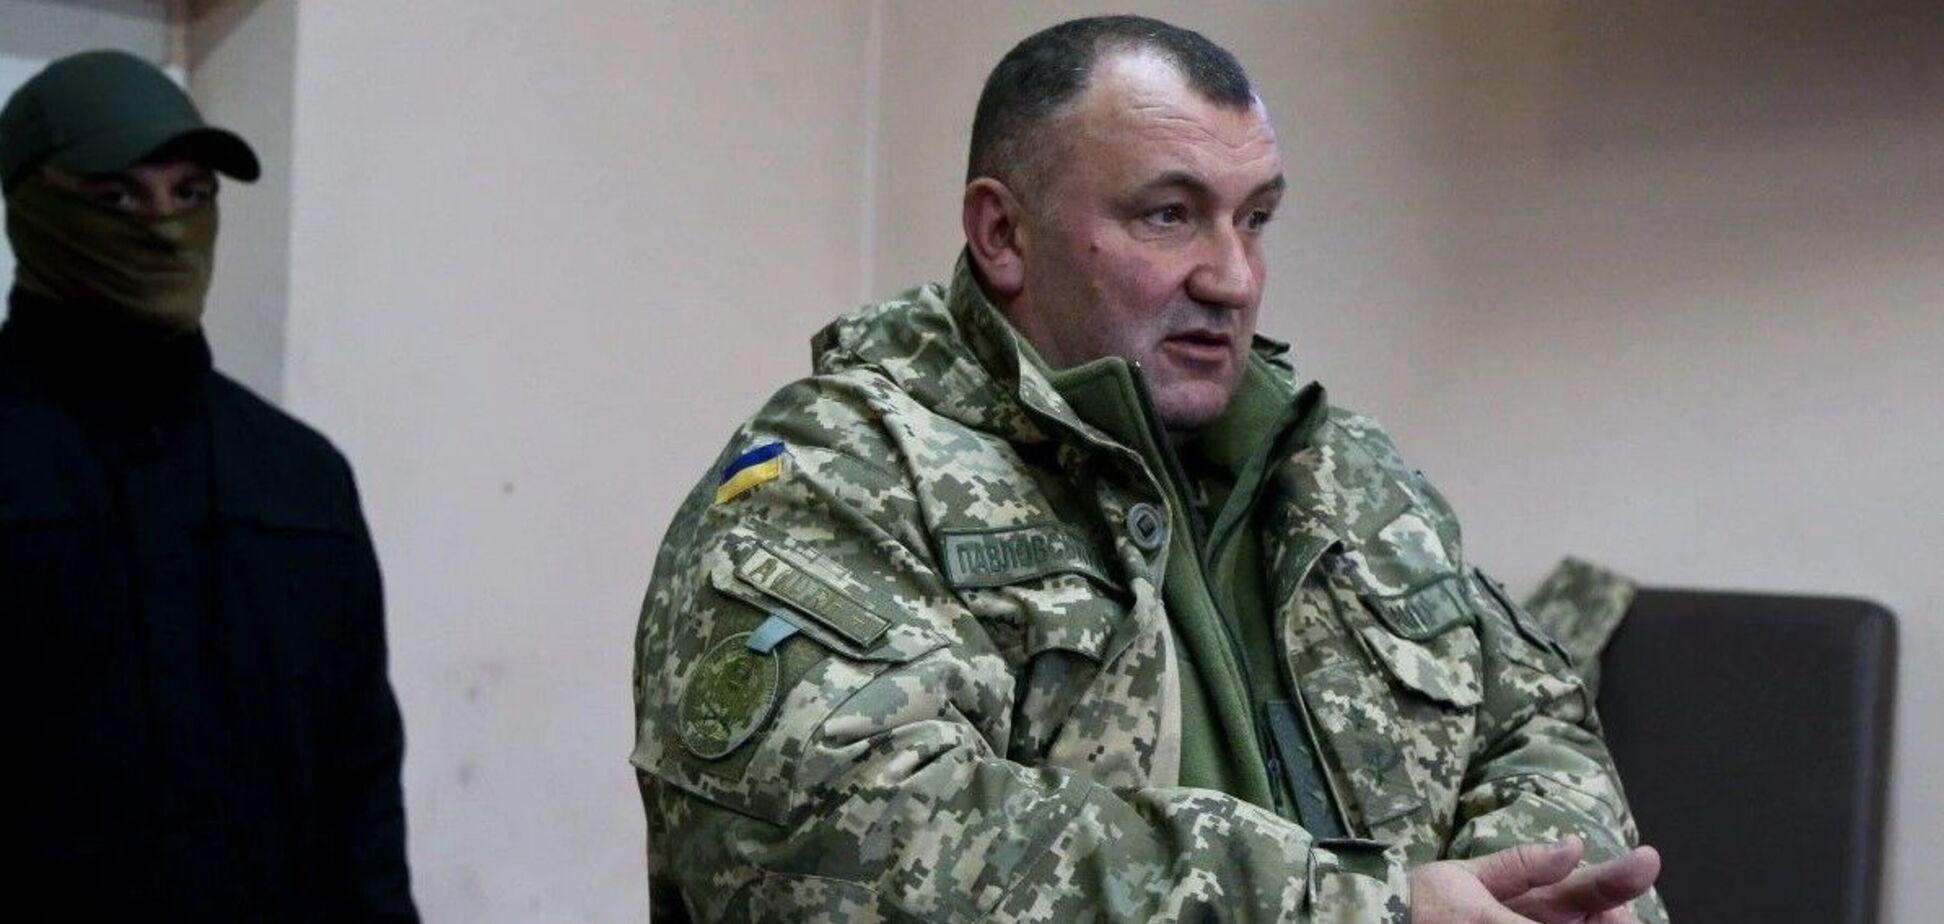 Печерський суд заарештував бойового генерала Павловського і призначив грошову заставу